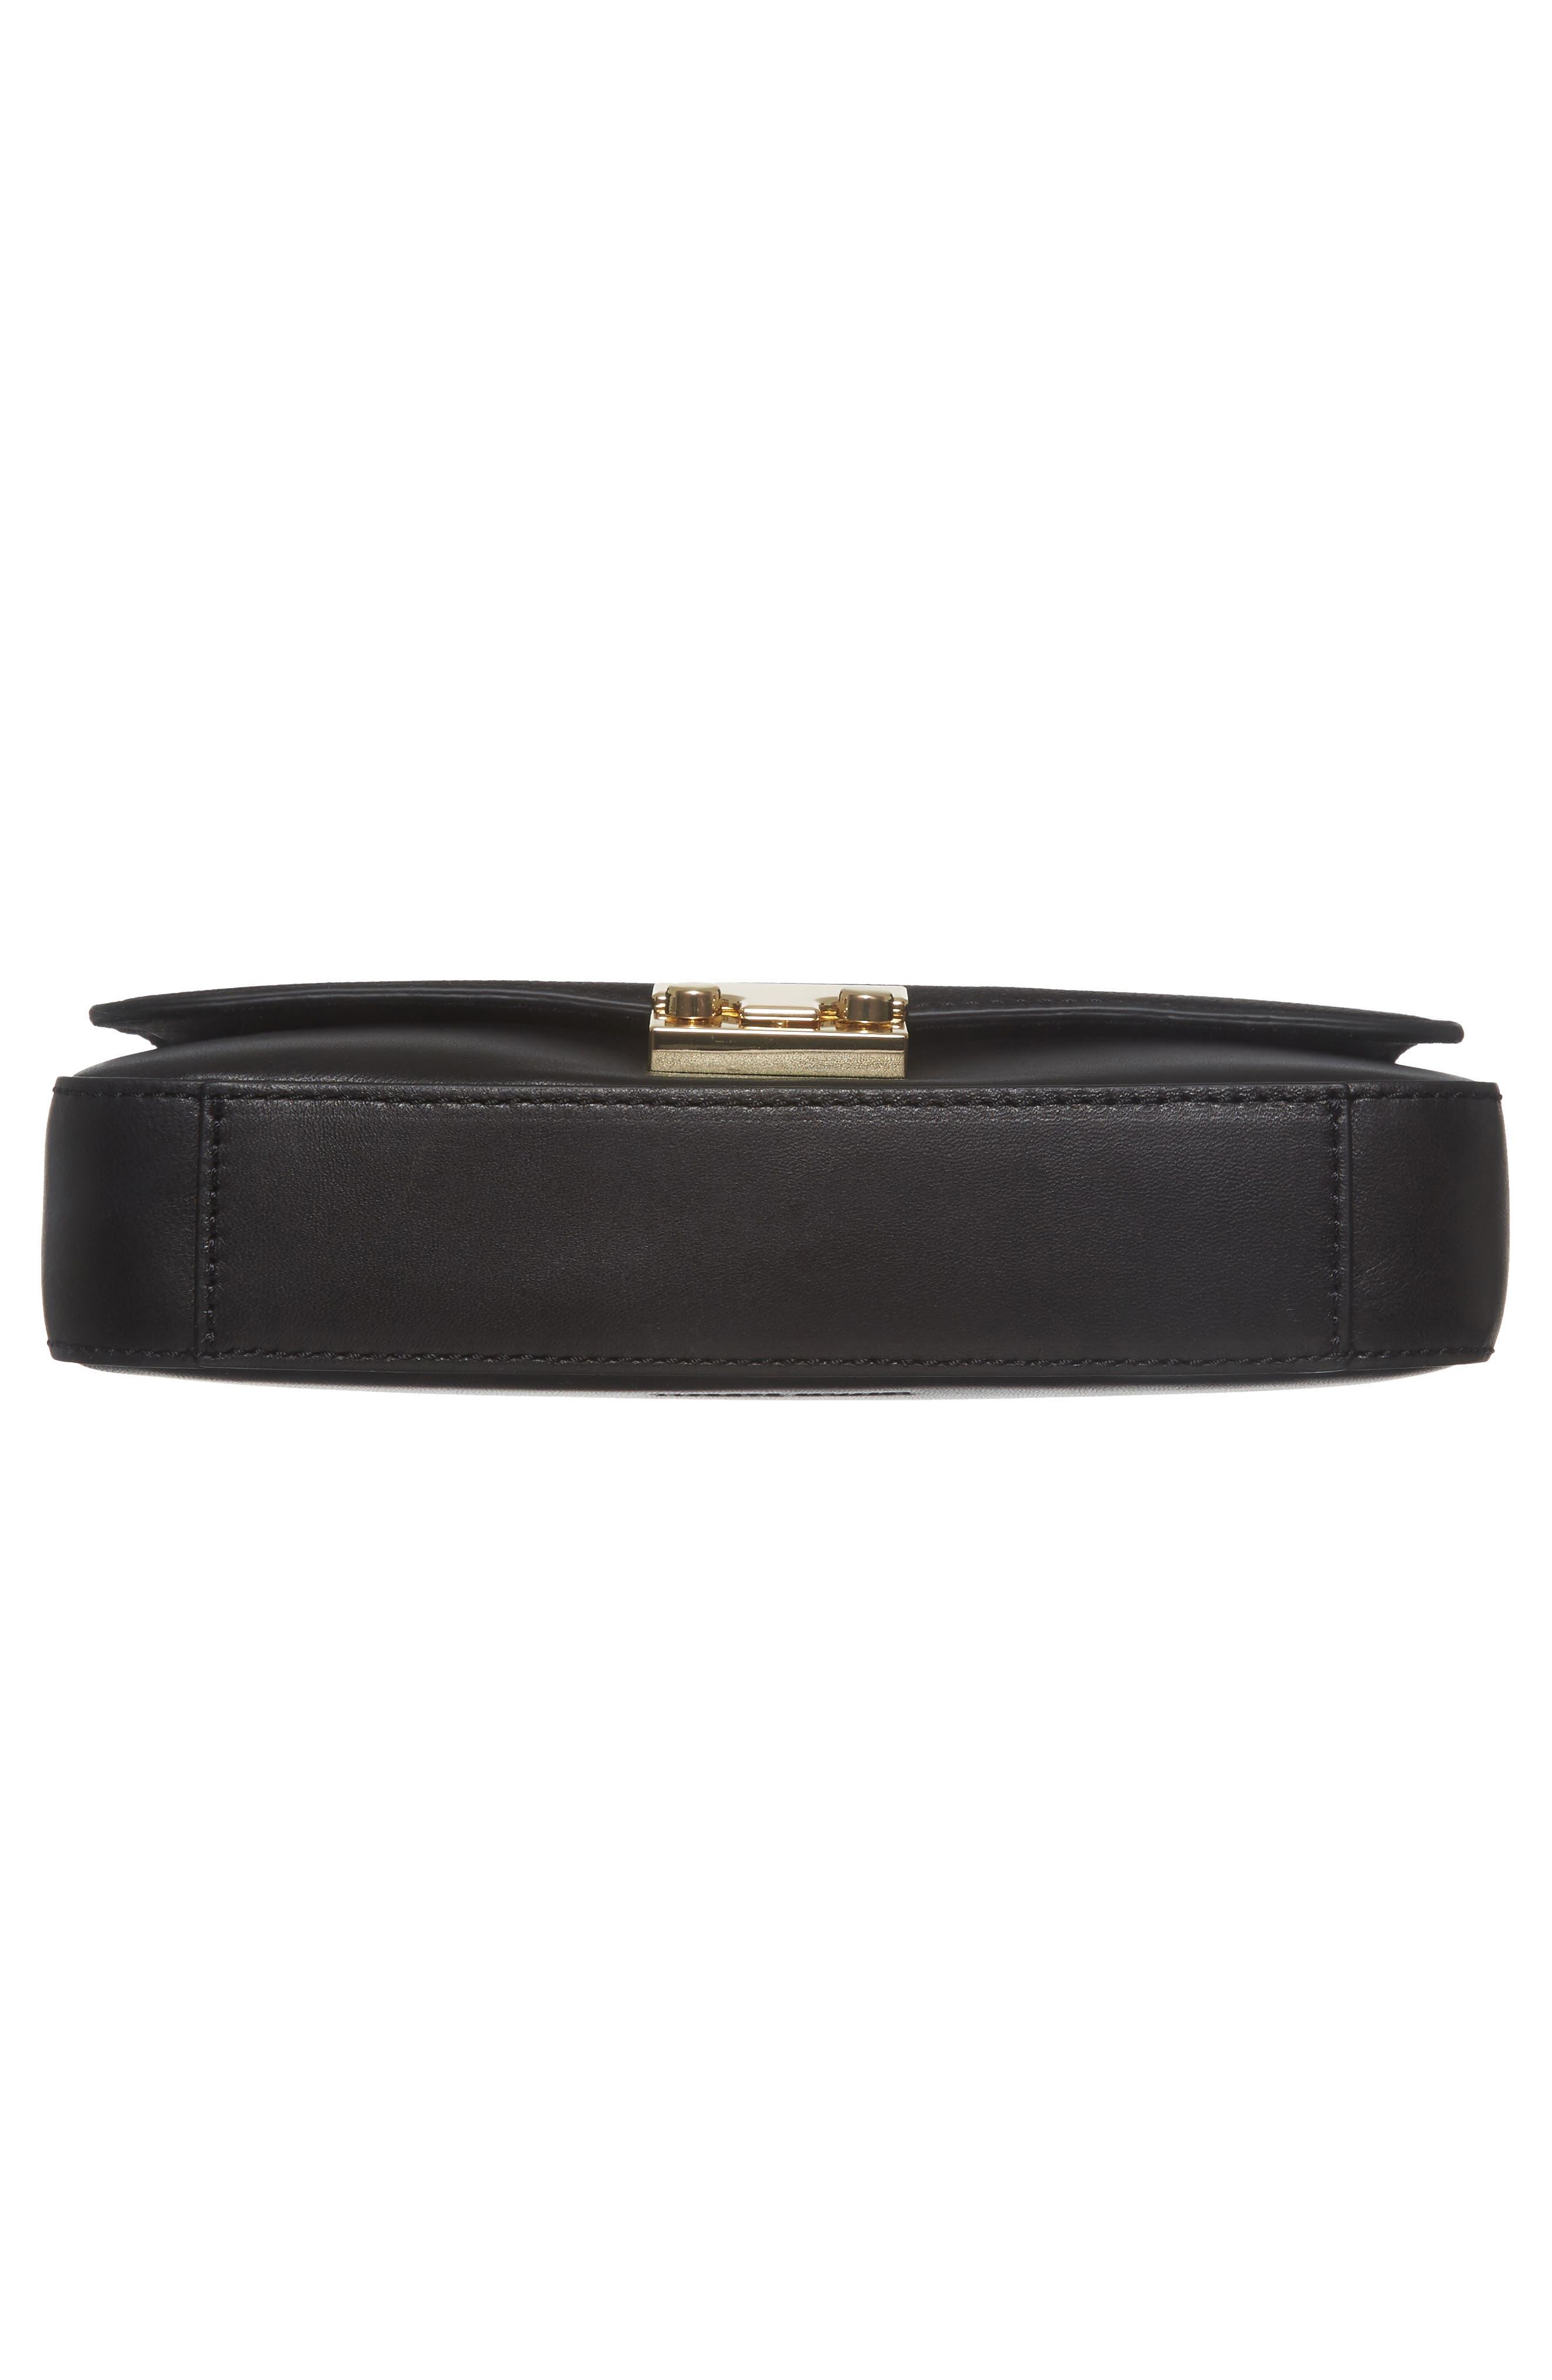 Lock Shoulder Bag,                             Alternate thumbnail 6, color,                             Black